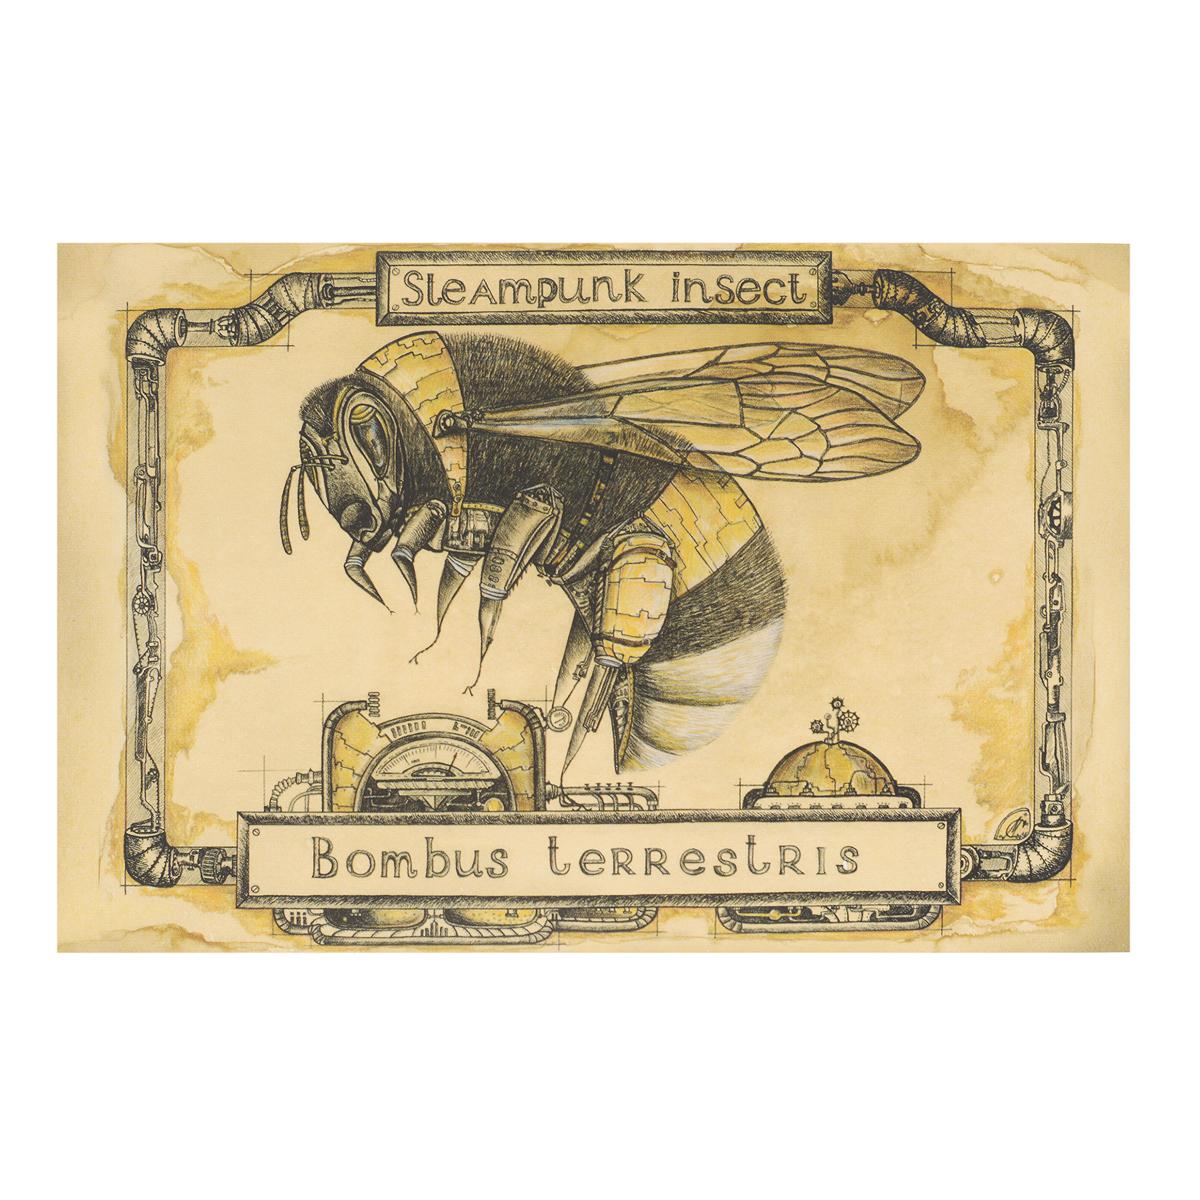 Открытка Steampunk Insect. Шмель. Автор Мария СкородумоваБрелок для ключейОригинальная дизайнерская открытка Шмель из серии Steampunk Insect выполнена из плотного матового картона. На лицевой стороне расположена репродукция картины художницы Марии Скородумовой.Такая открытка станет великолепным дополнением к подарку или оригинальным почтовым посланием, которое, несомненно, удивит получателя своим дизайном и подарит приятные воспоминания.